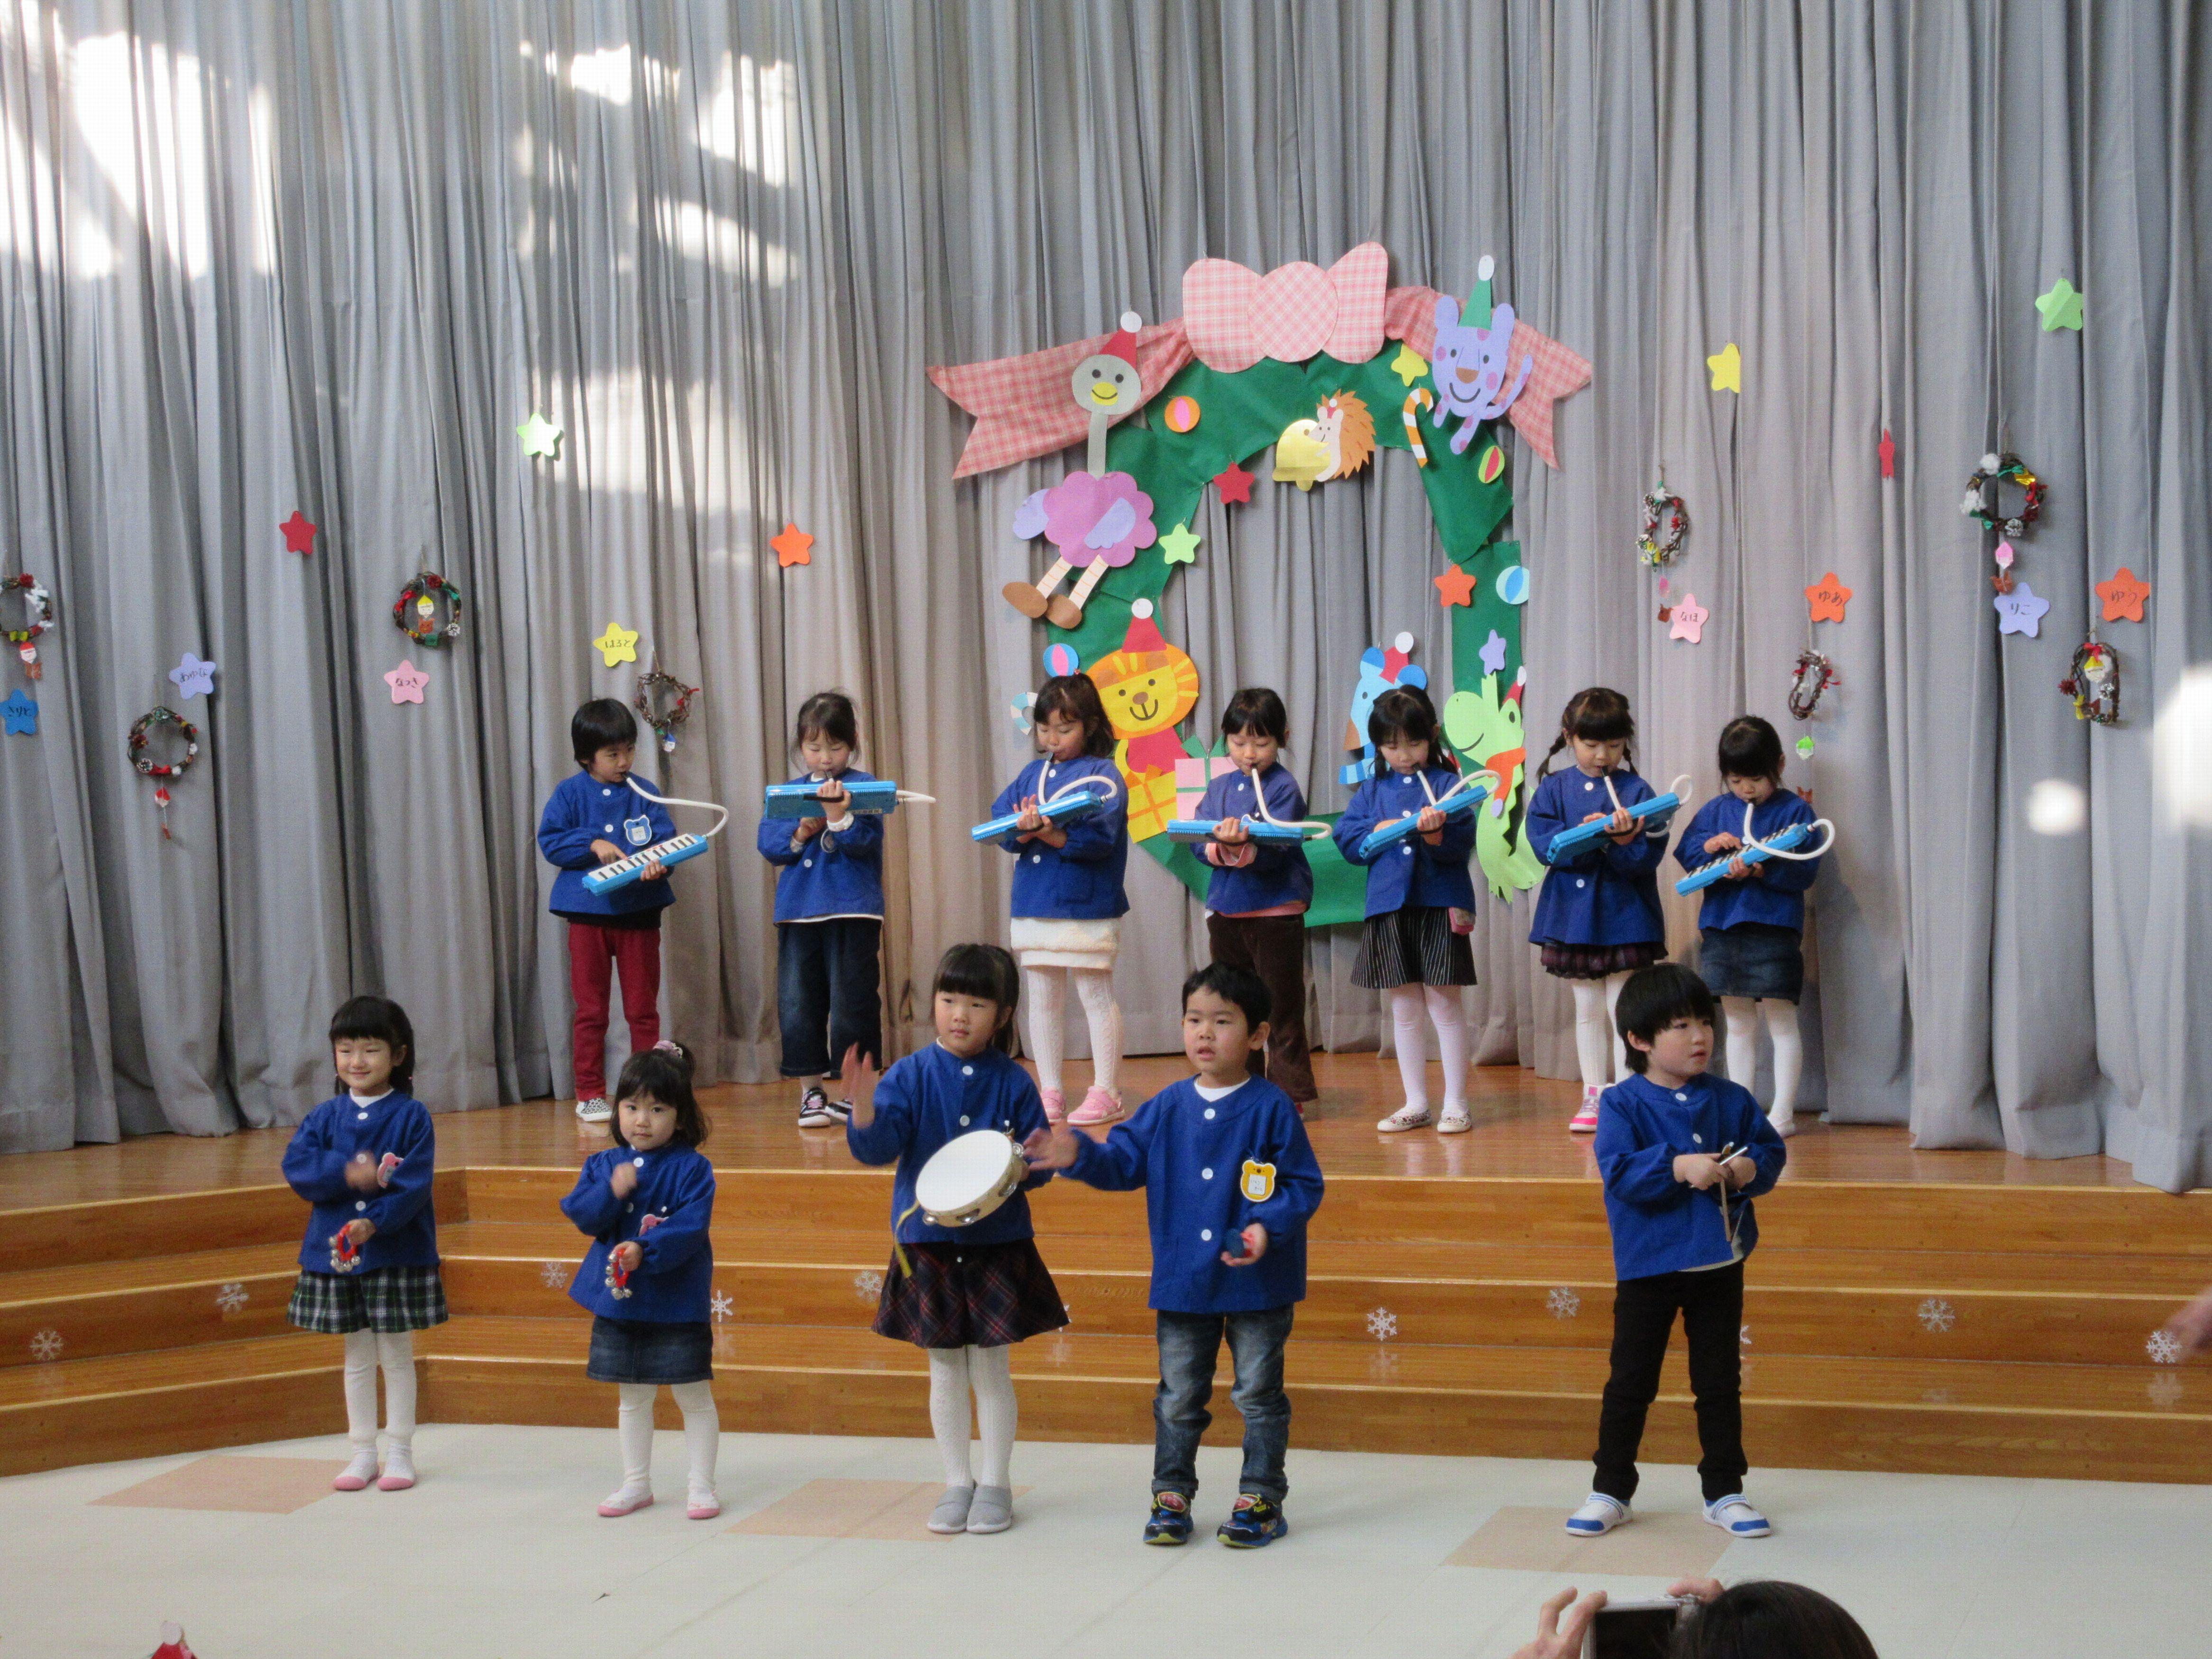 さわやかクラブ幼稚園のクリスマス会に参加して:画像